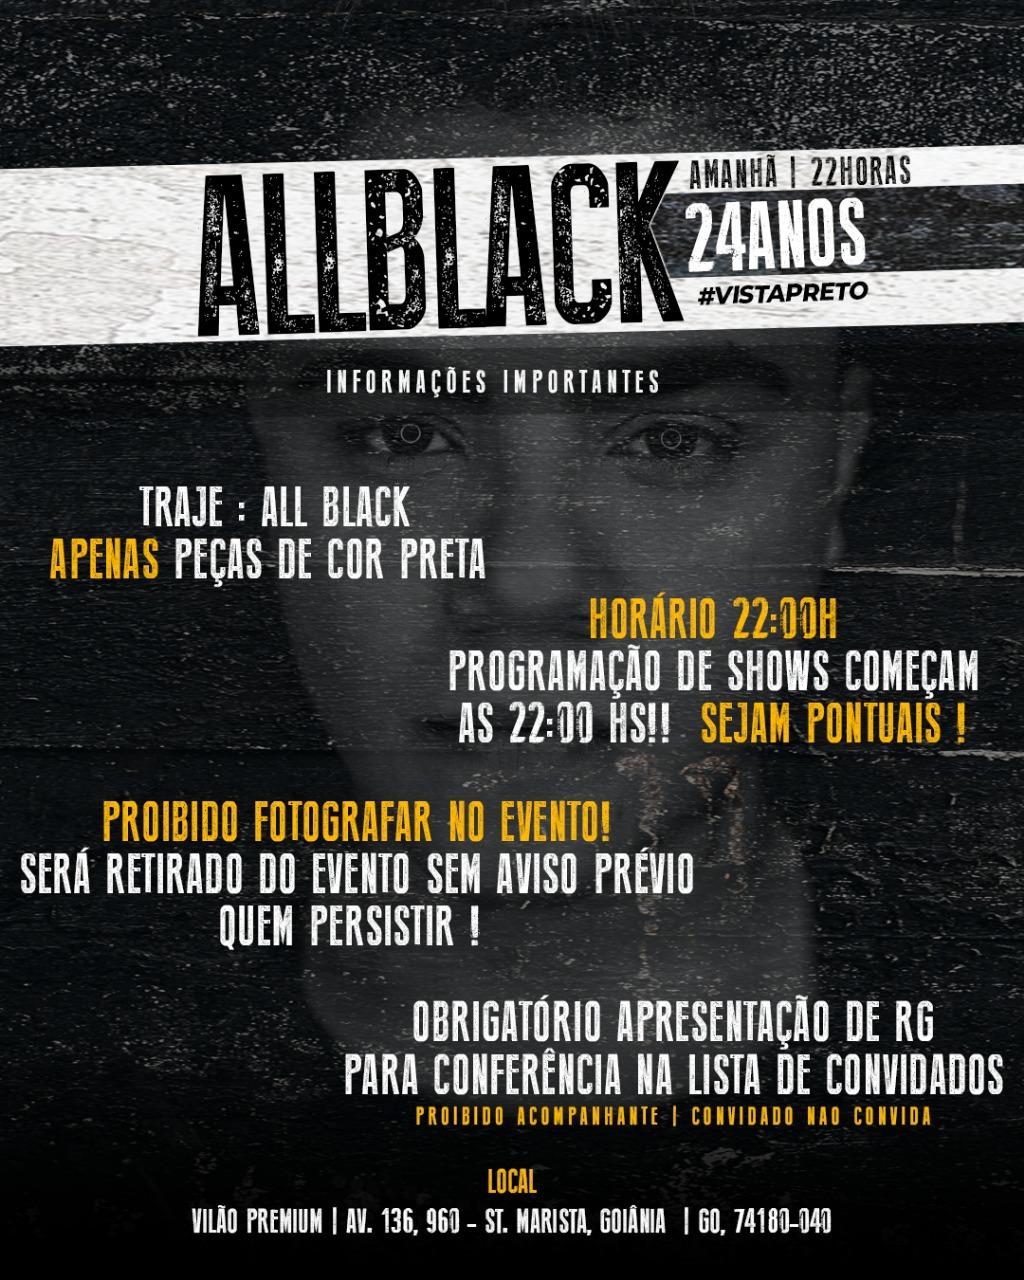 O convite da festa de Felipe Araújo com as restrições (Foto: Reprodução)